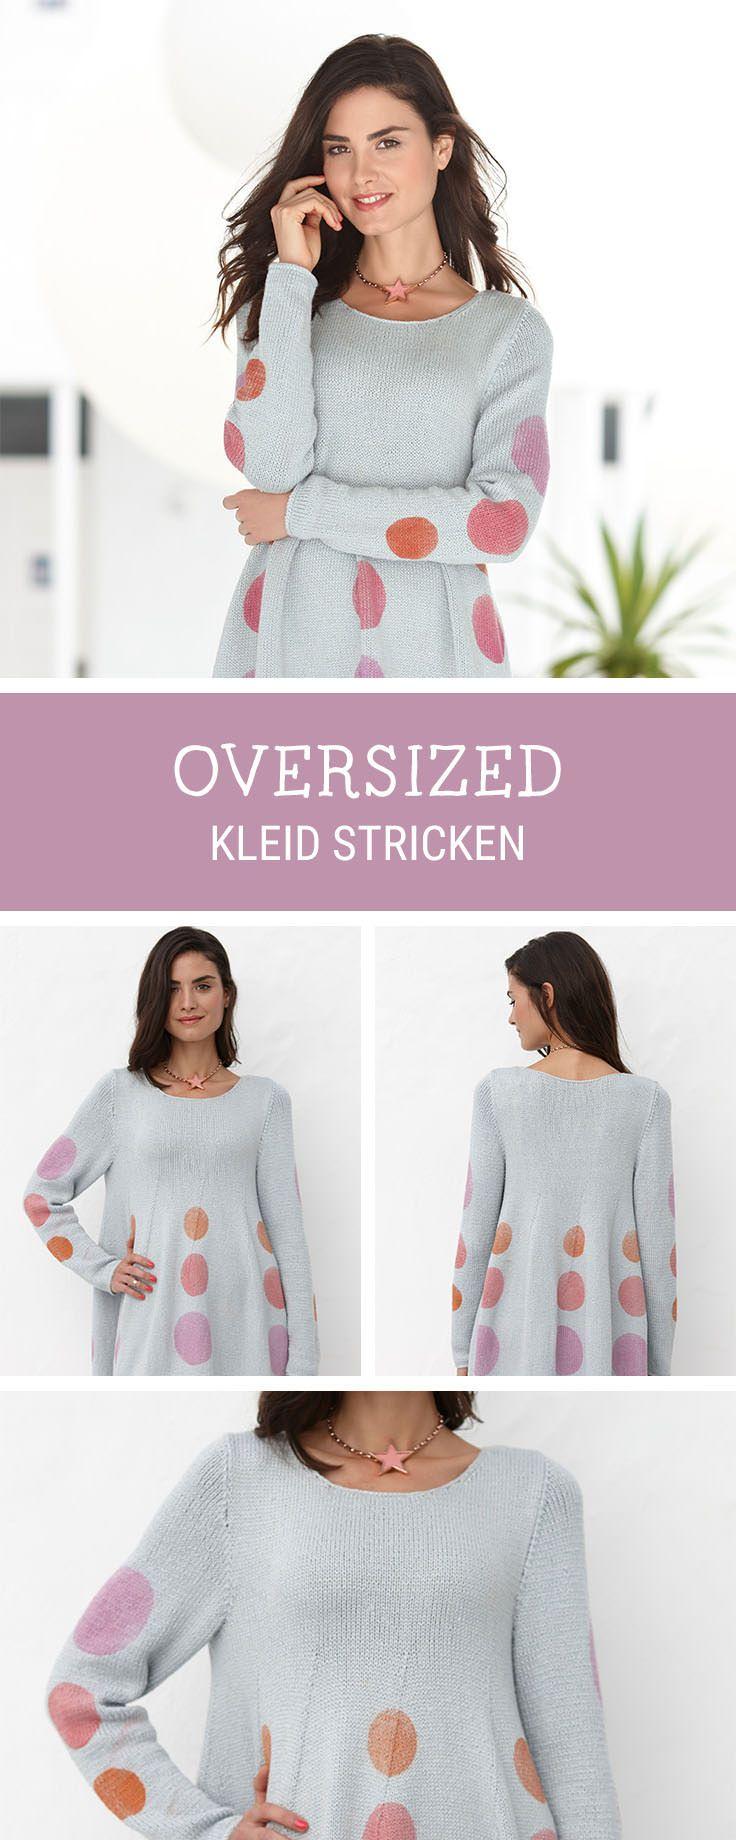 Strickanleitung für ein bequemes Kleid im Oversized-Look, Strickkleid / oversized knitted dress: diy knitting pattern via DaWanda.com